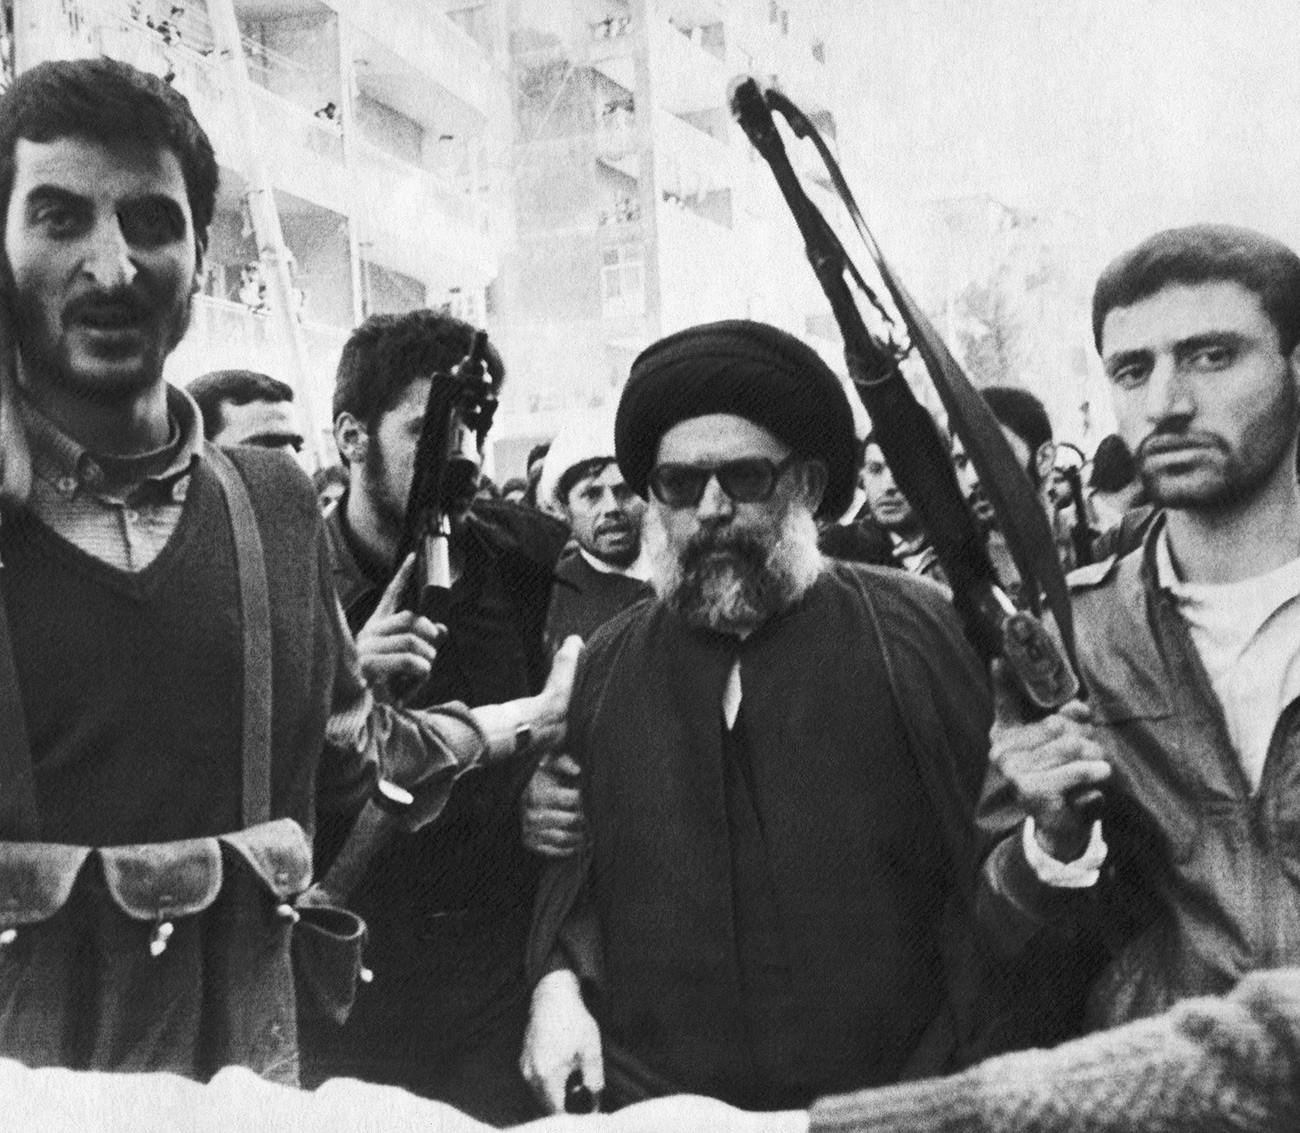 Мохамед Хусеин Фадлалах у црном турбану окружен телохранитељима 9. марта 1985. долази у џамију у јужном предграђу Бејрута (Либан) на сахрану 75 жртава експлозије минираног аутомобила.